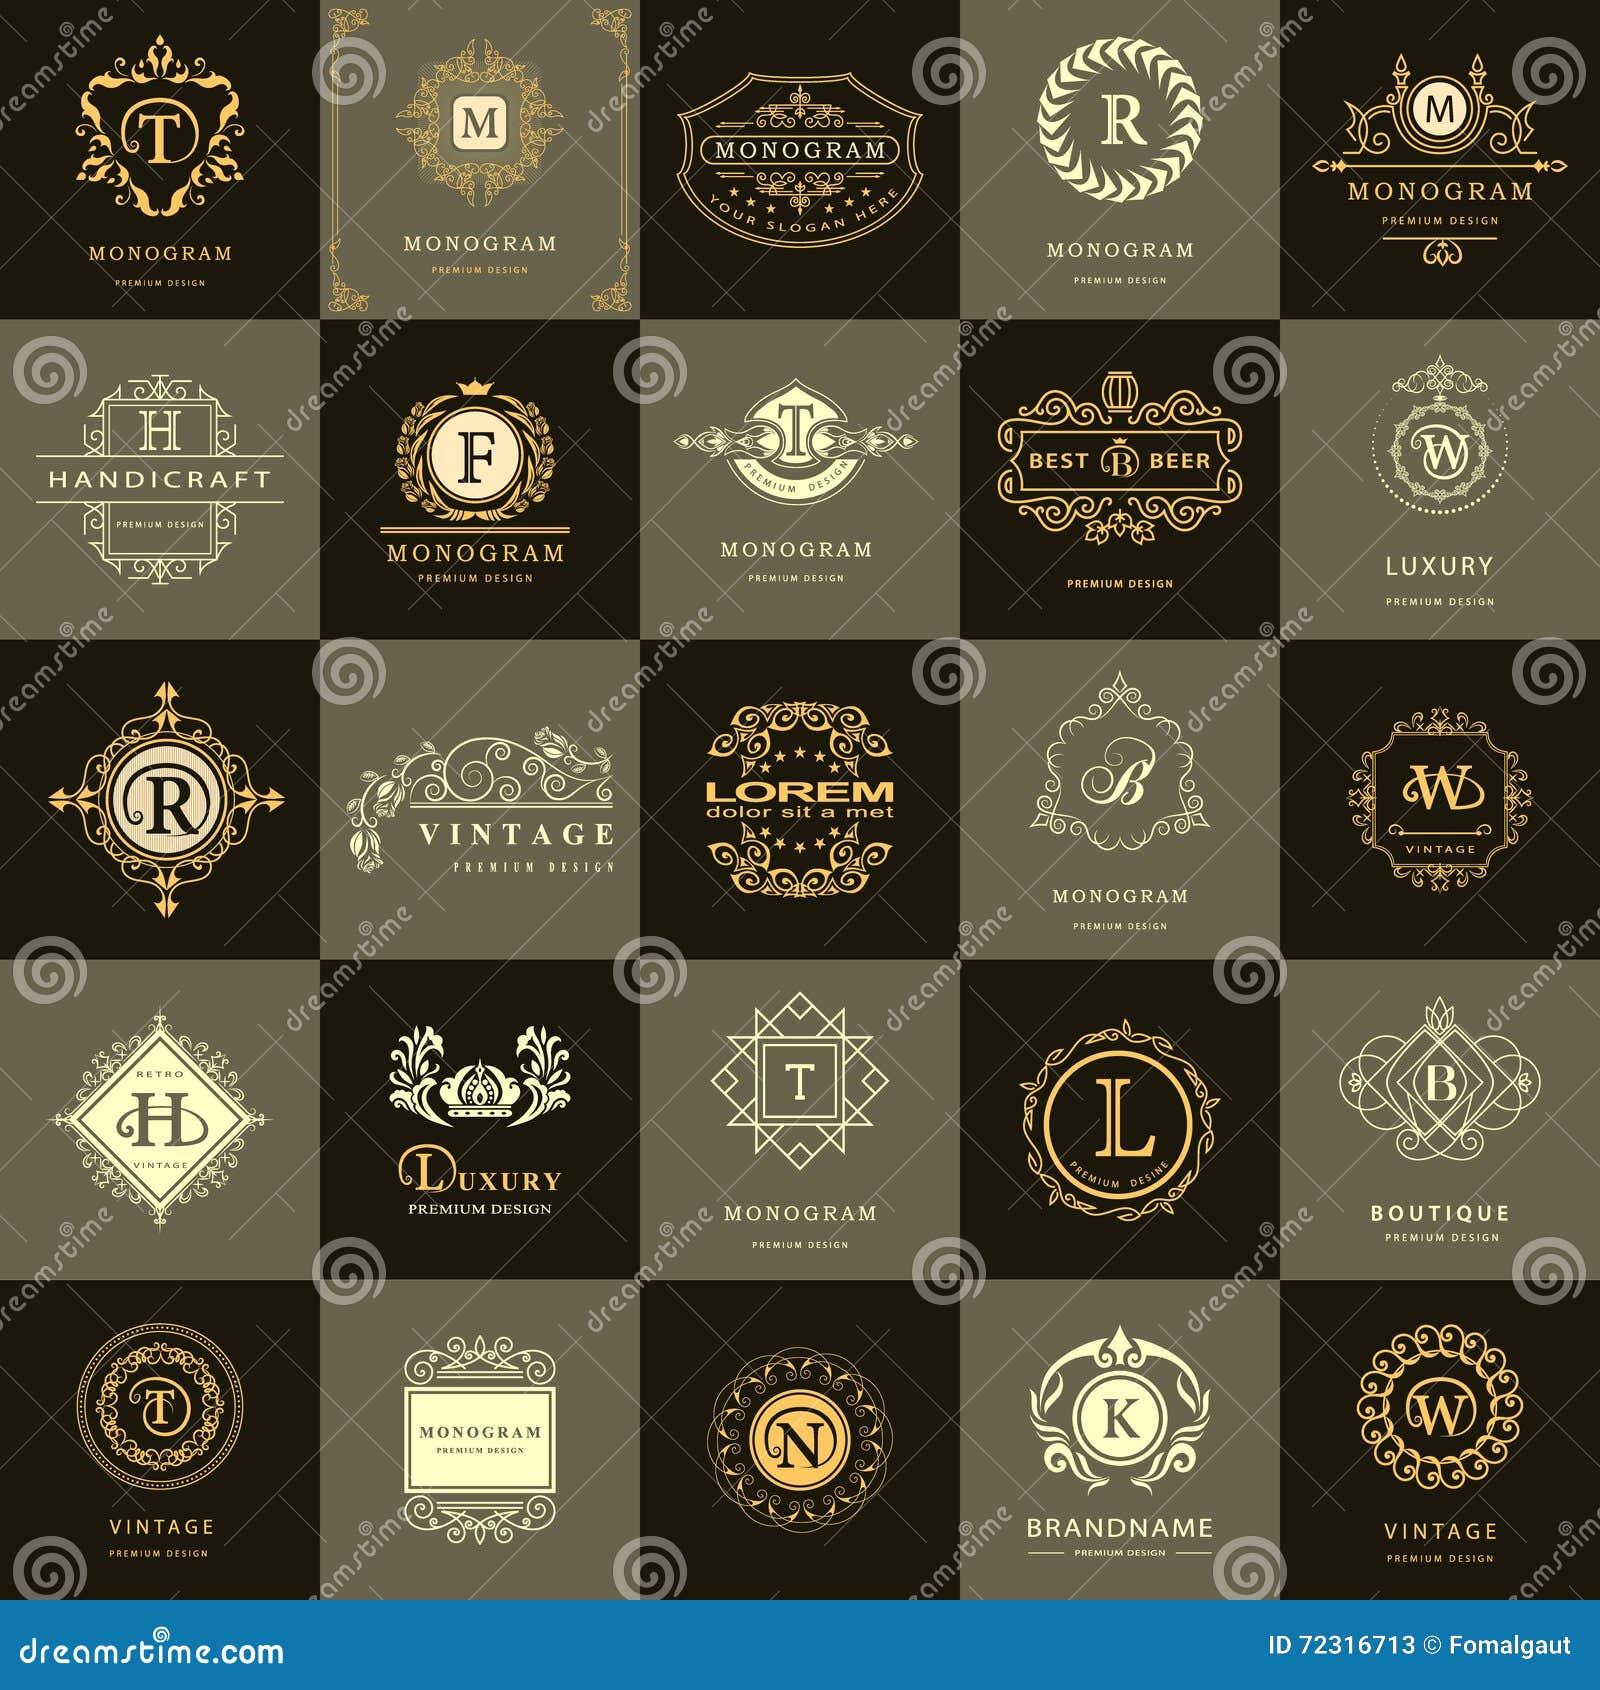 线图表组合图案 葡萄酒商标被设置的设计模板 企业标志信件象征 传染媒介略写法元素汇集, Ico